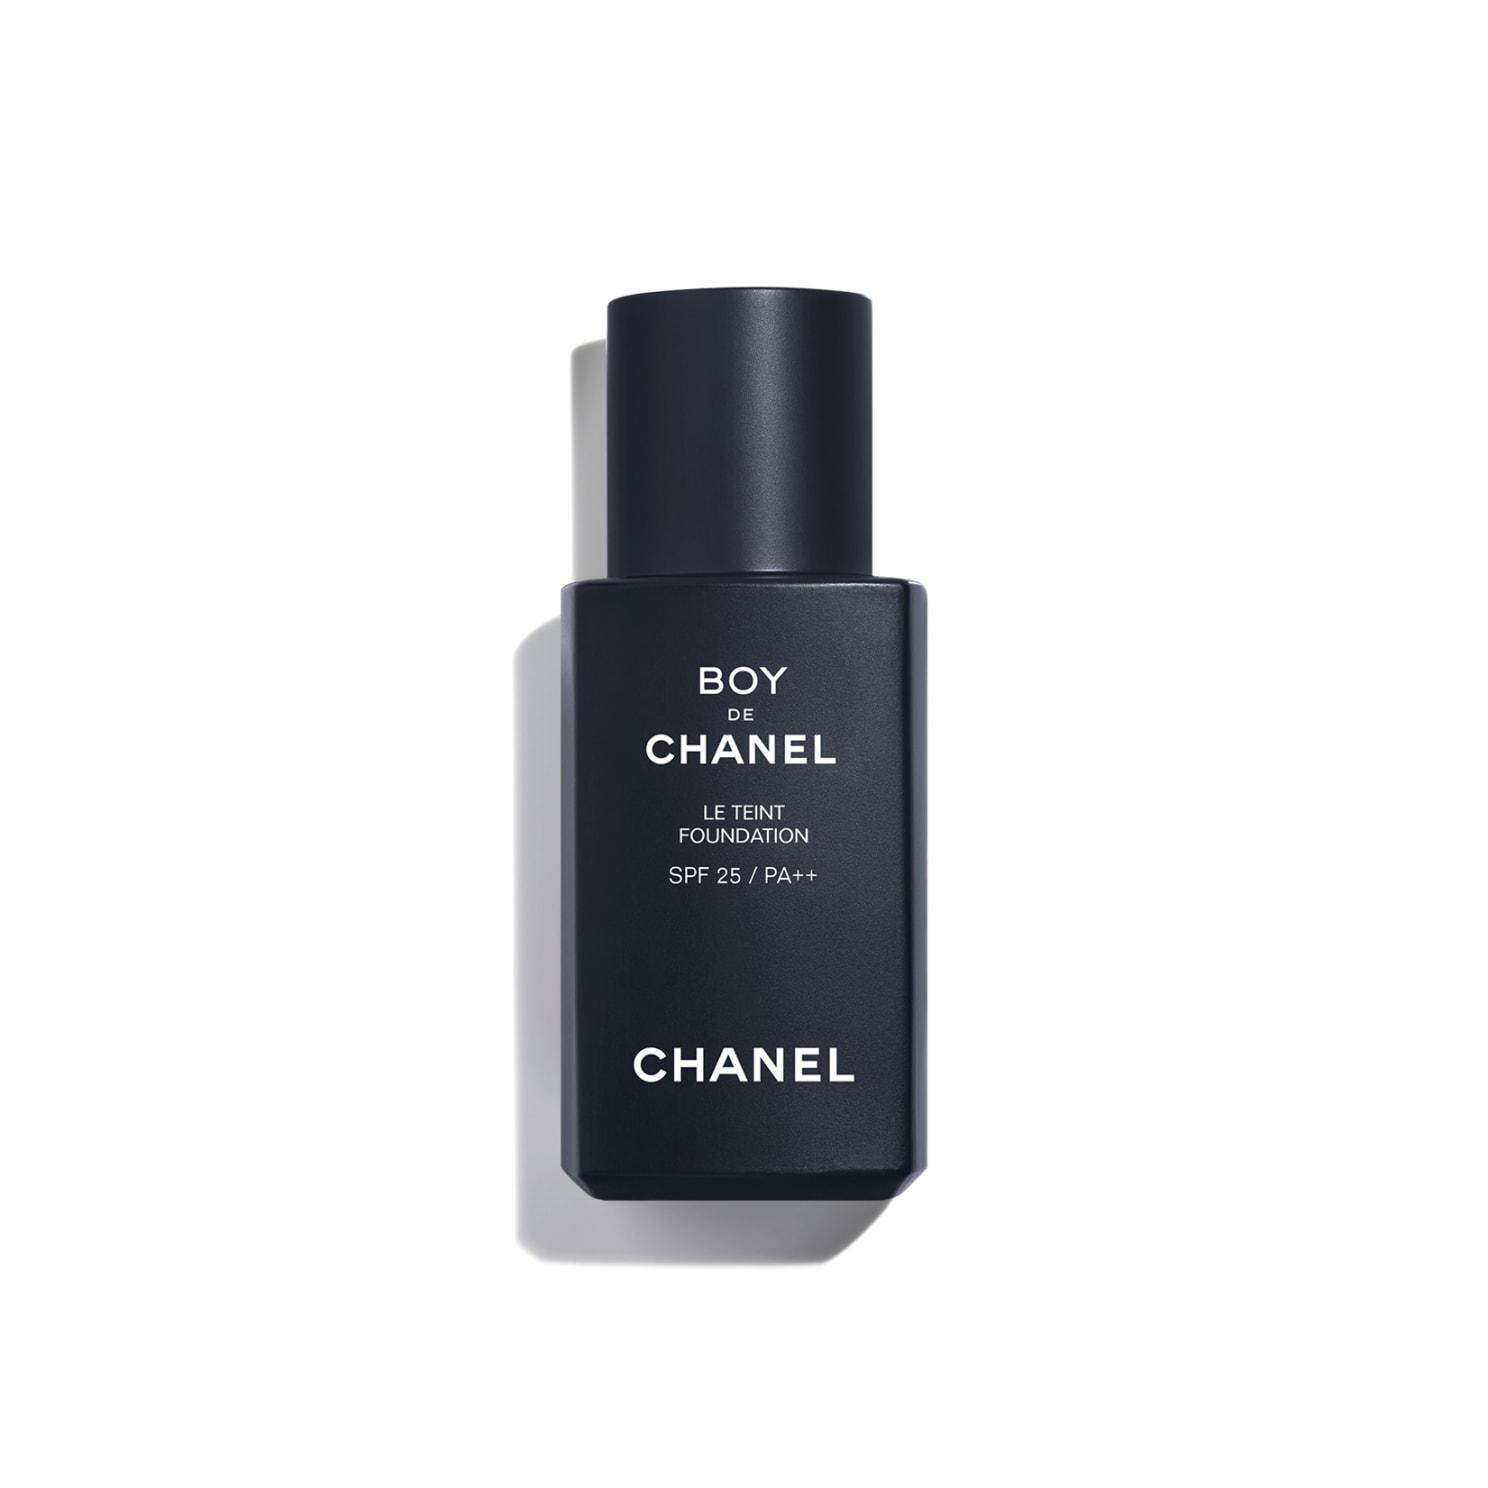 Boy de Chanel Foundation